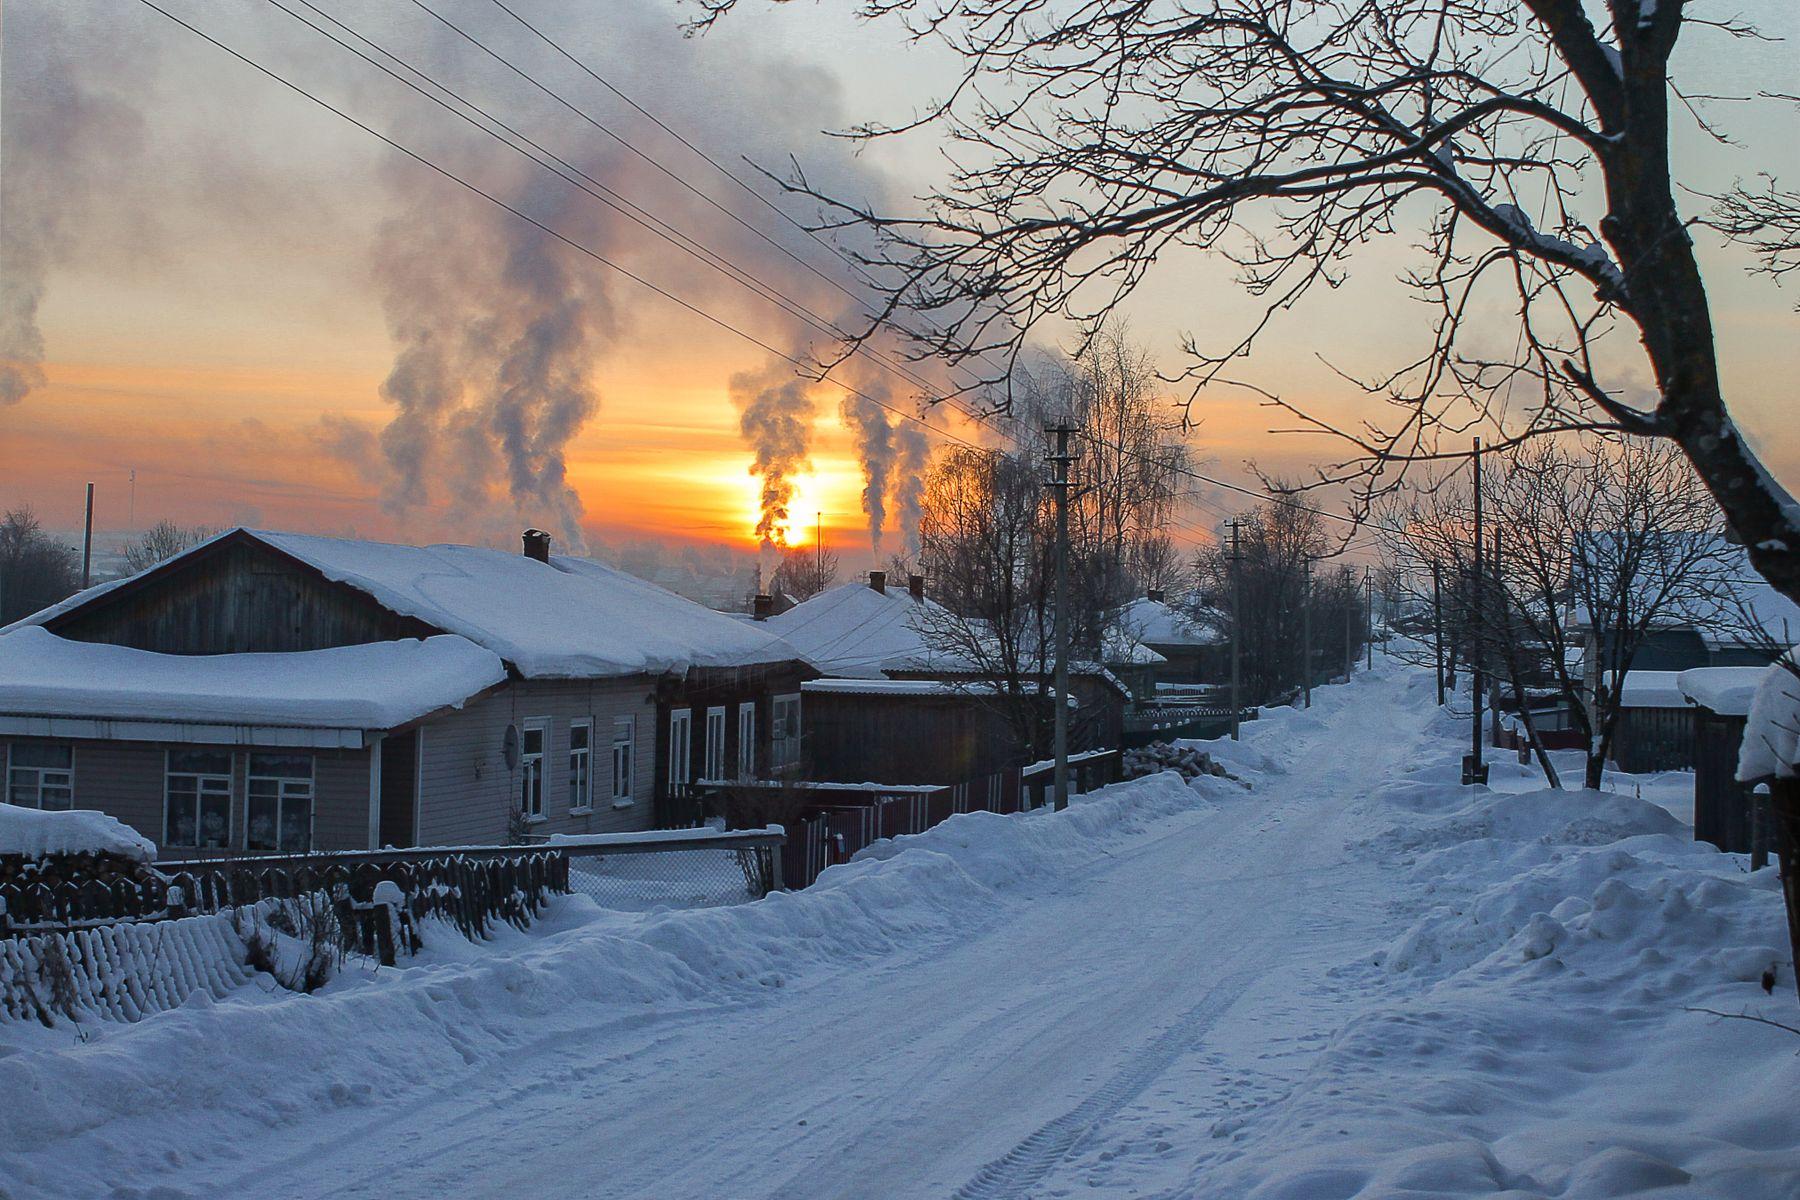 Февральское утро в селе.